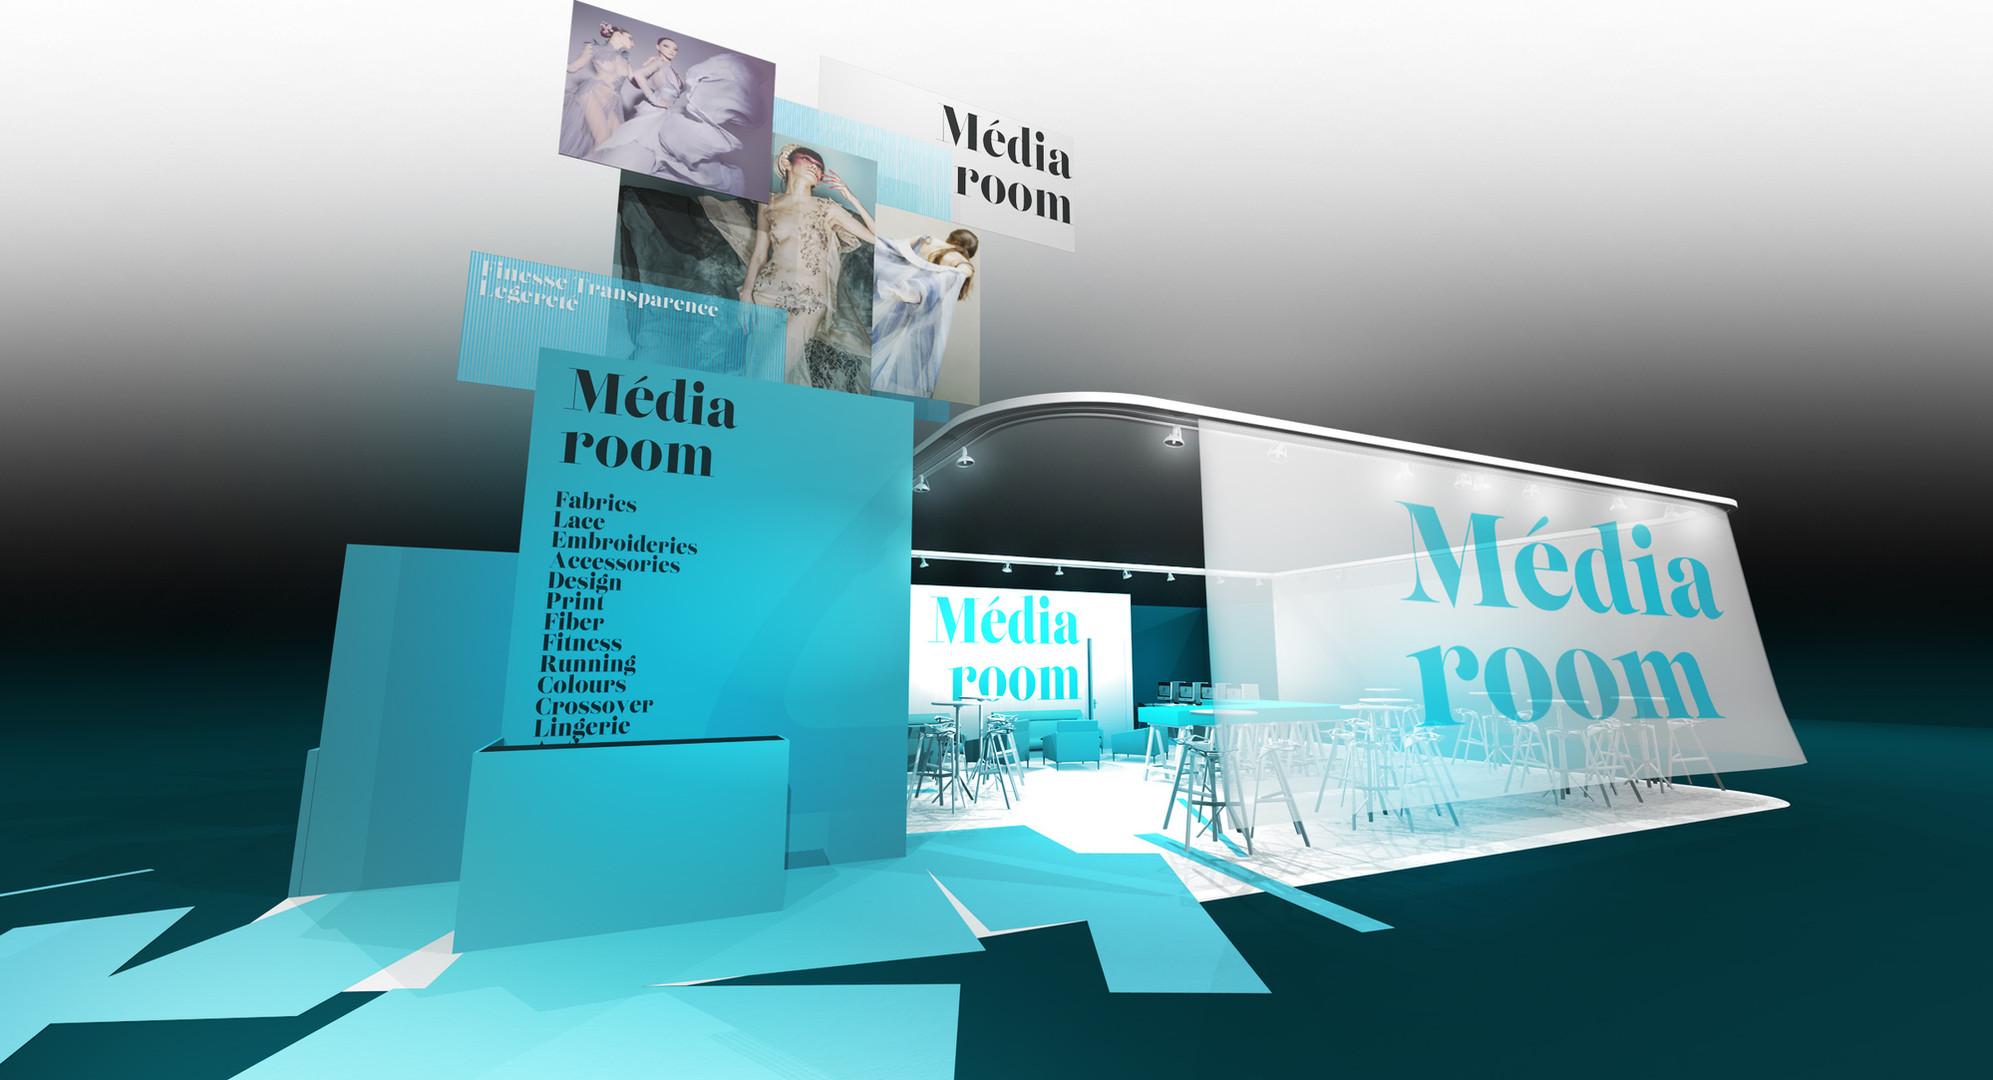 media-room----19-05-17-1.jpg